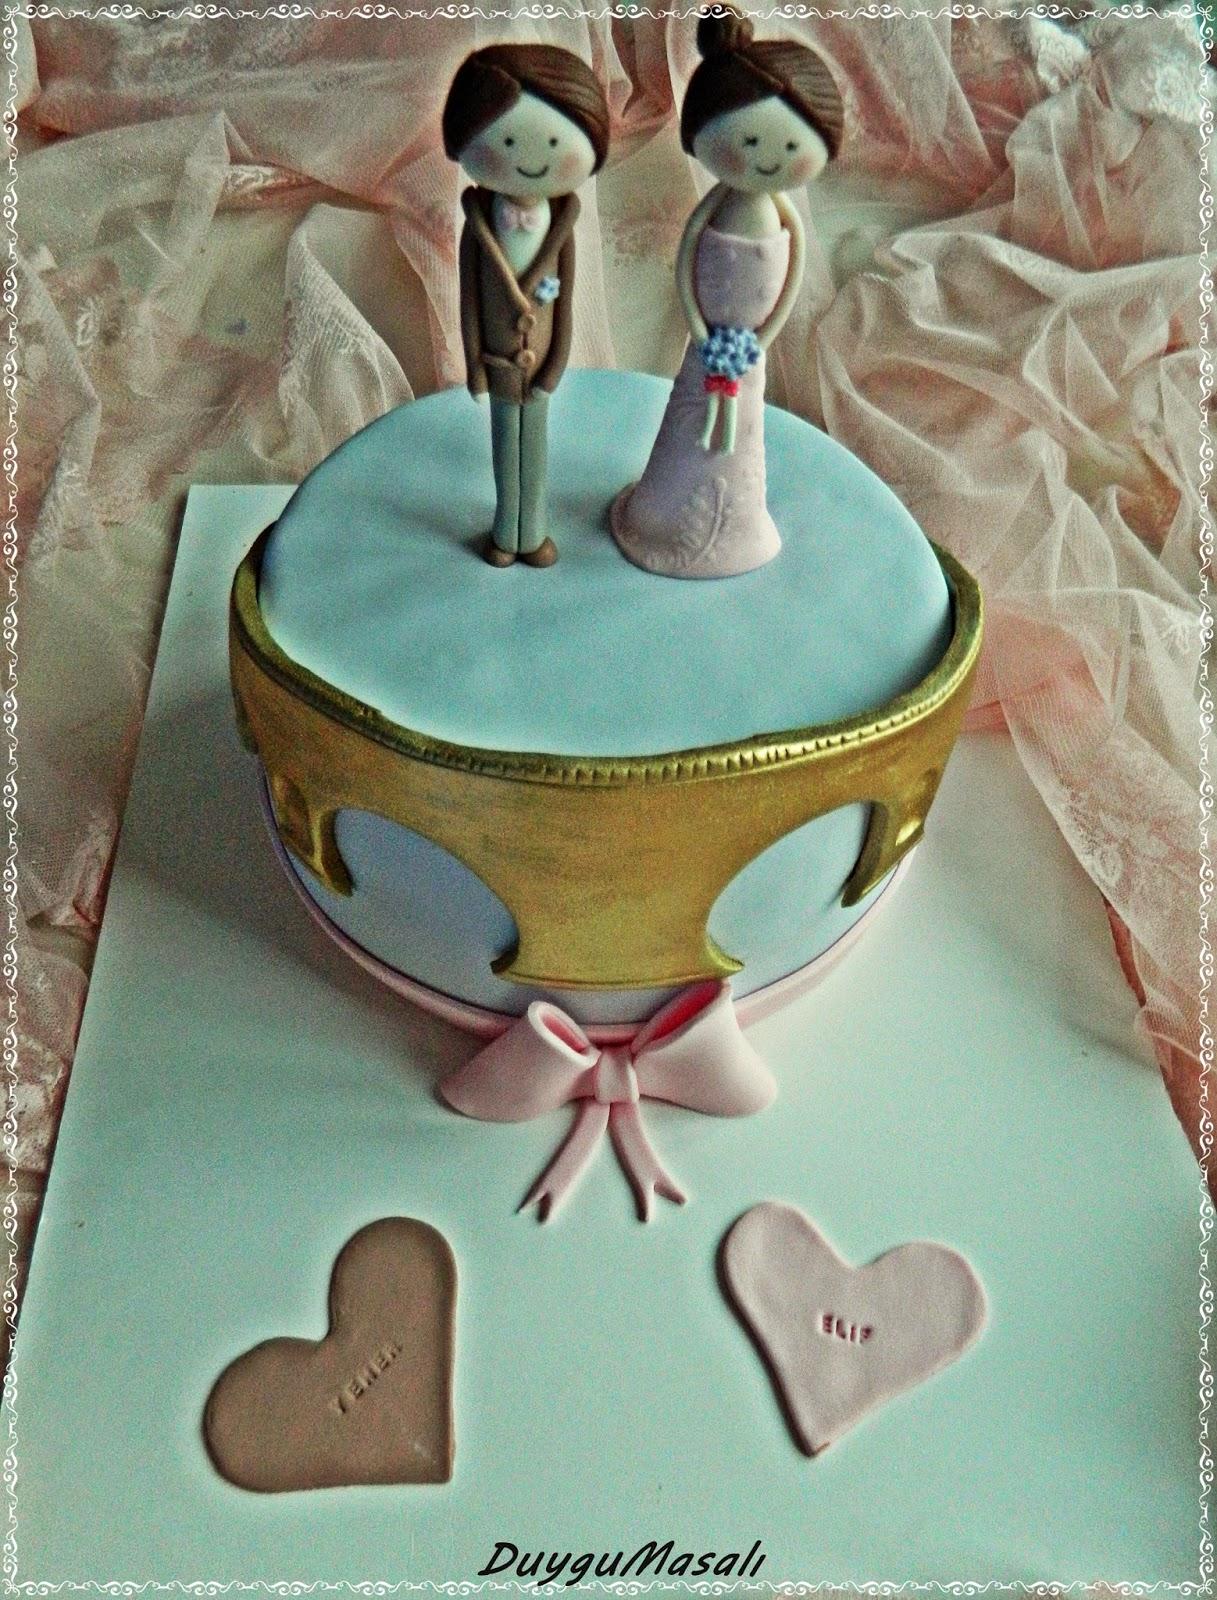 edirne butik nişan pastası